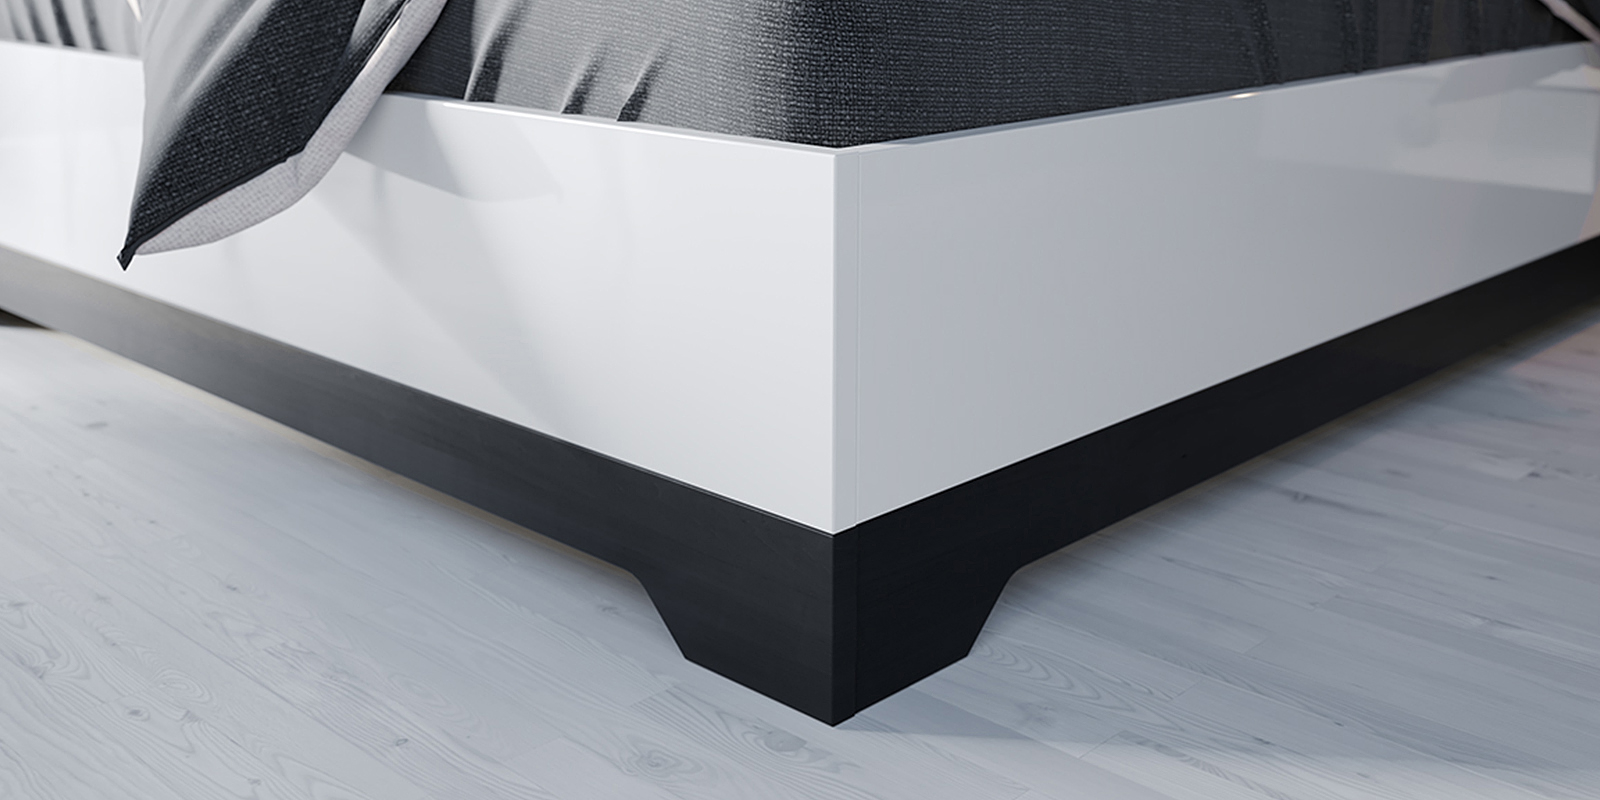 Кровать каркасная 200х160 Париж без подъемного механизма (черный/белый)